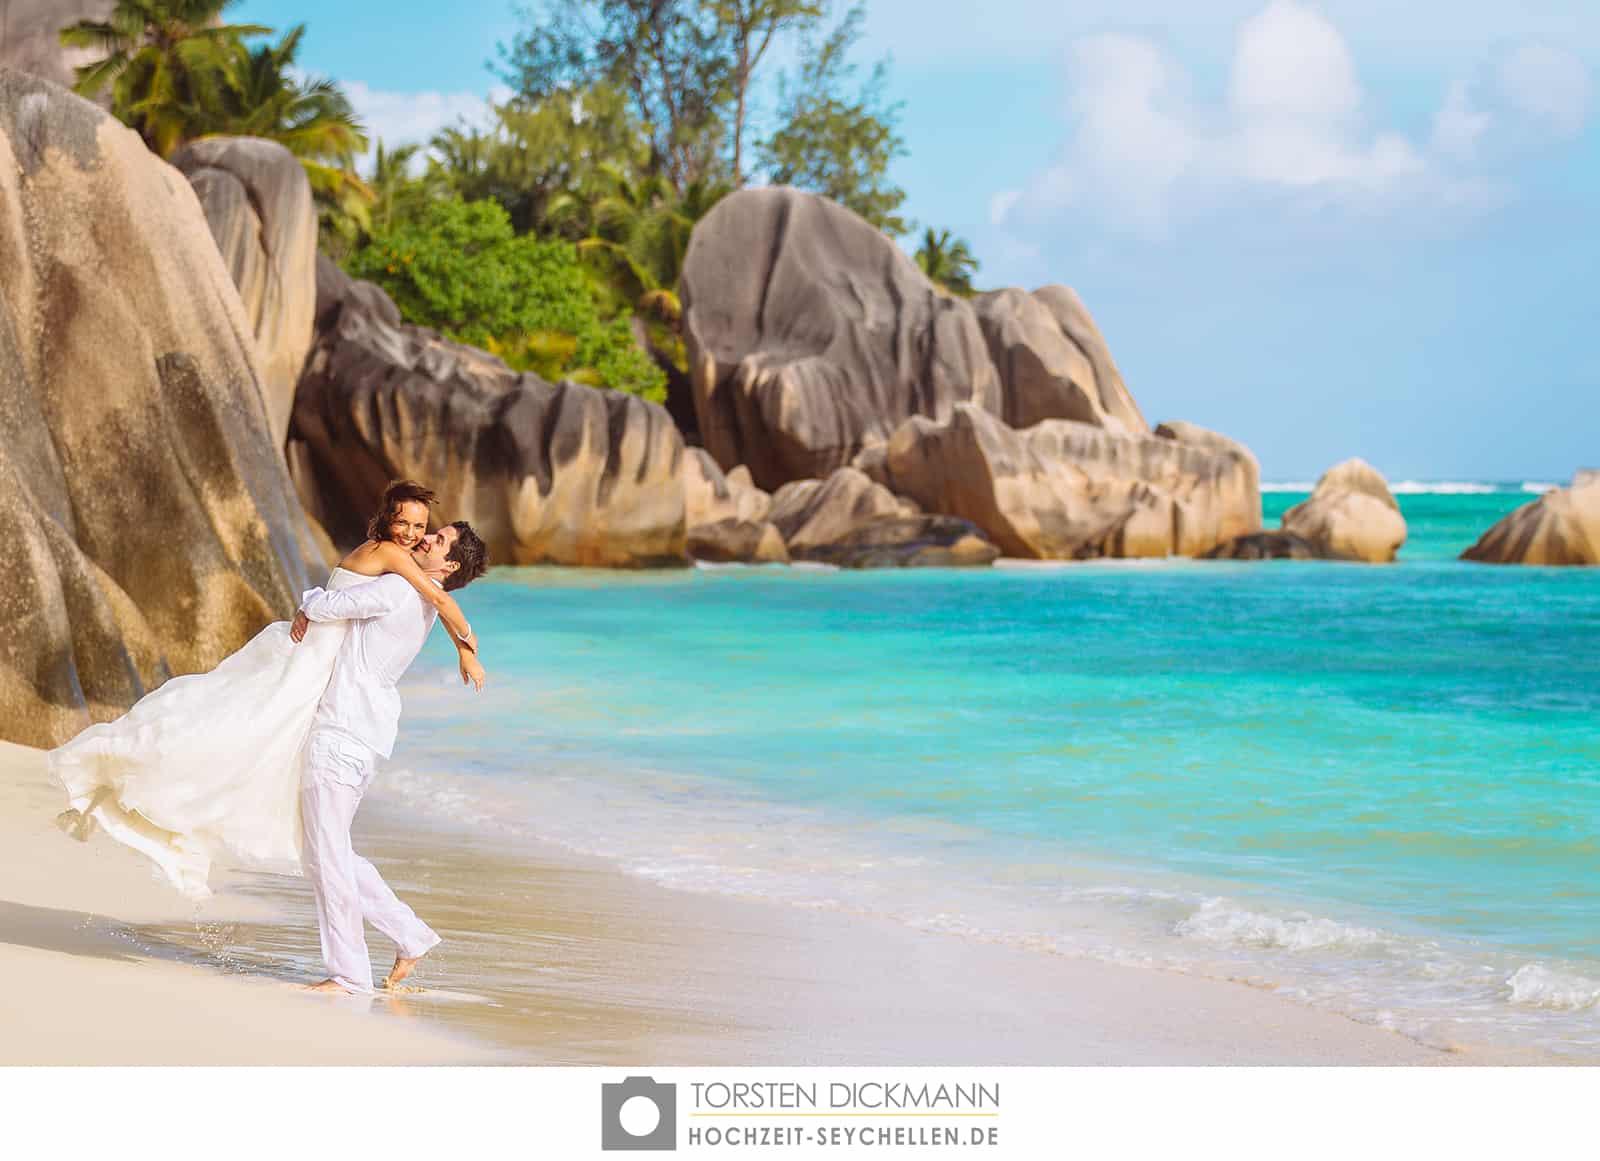 Wohin zur Hochzeitsreise?